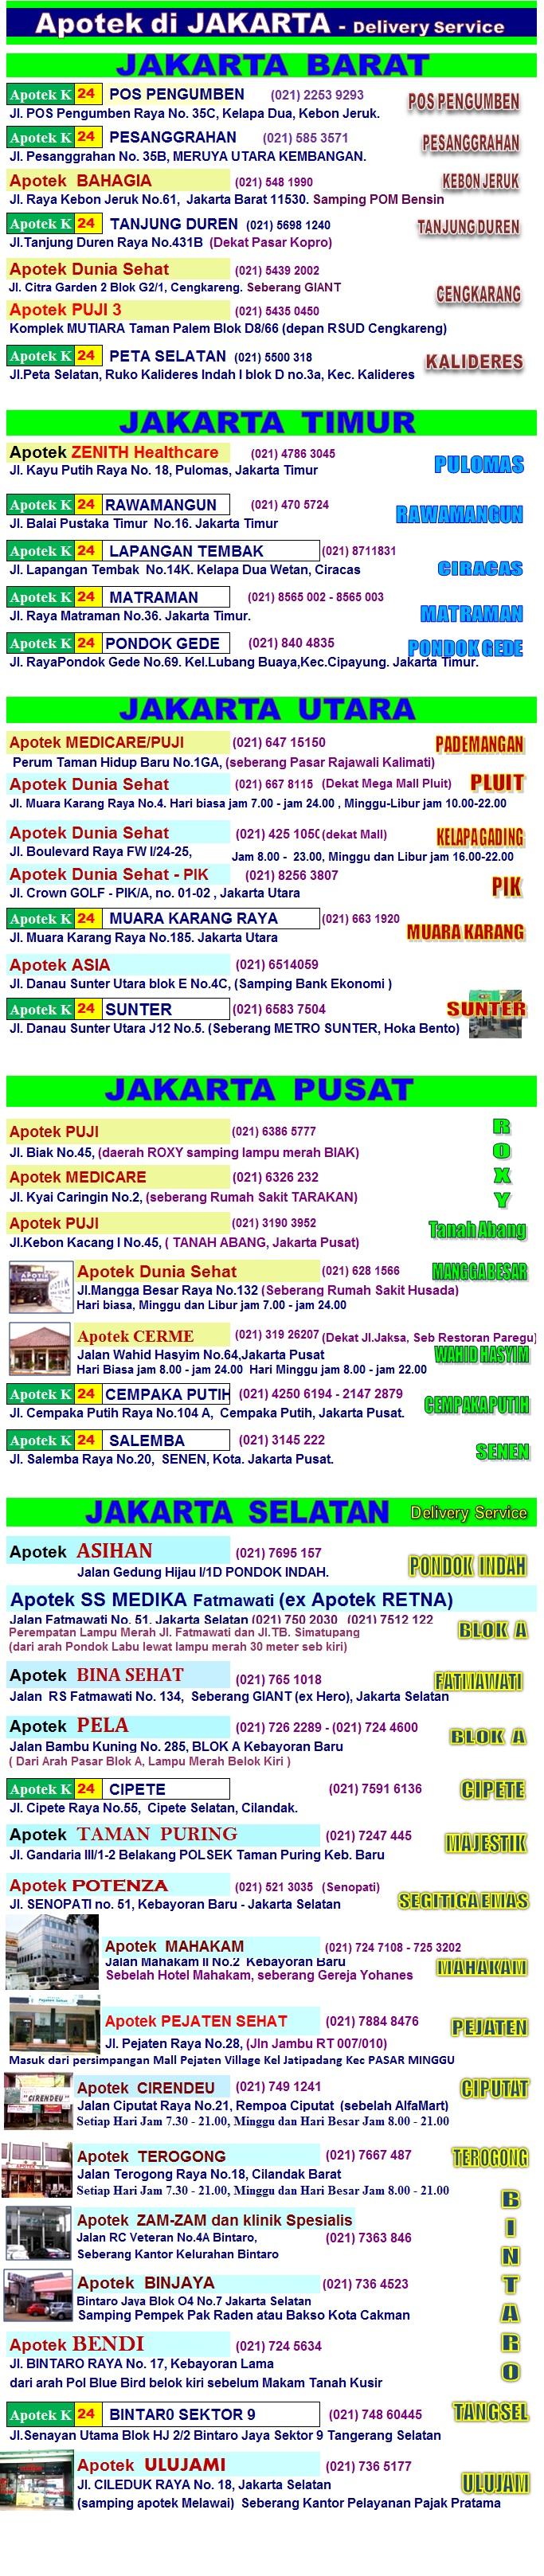 OBAT KUAT di Jakarta apotik resmi. Hati-hati obat PALSU! dari pemeriksaan berkala iklan telah kami cabut dari beberapa apotik yang ternyata menjual barang PALSU